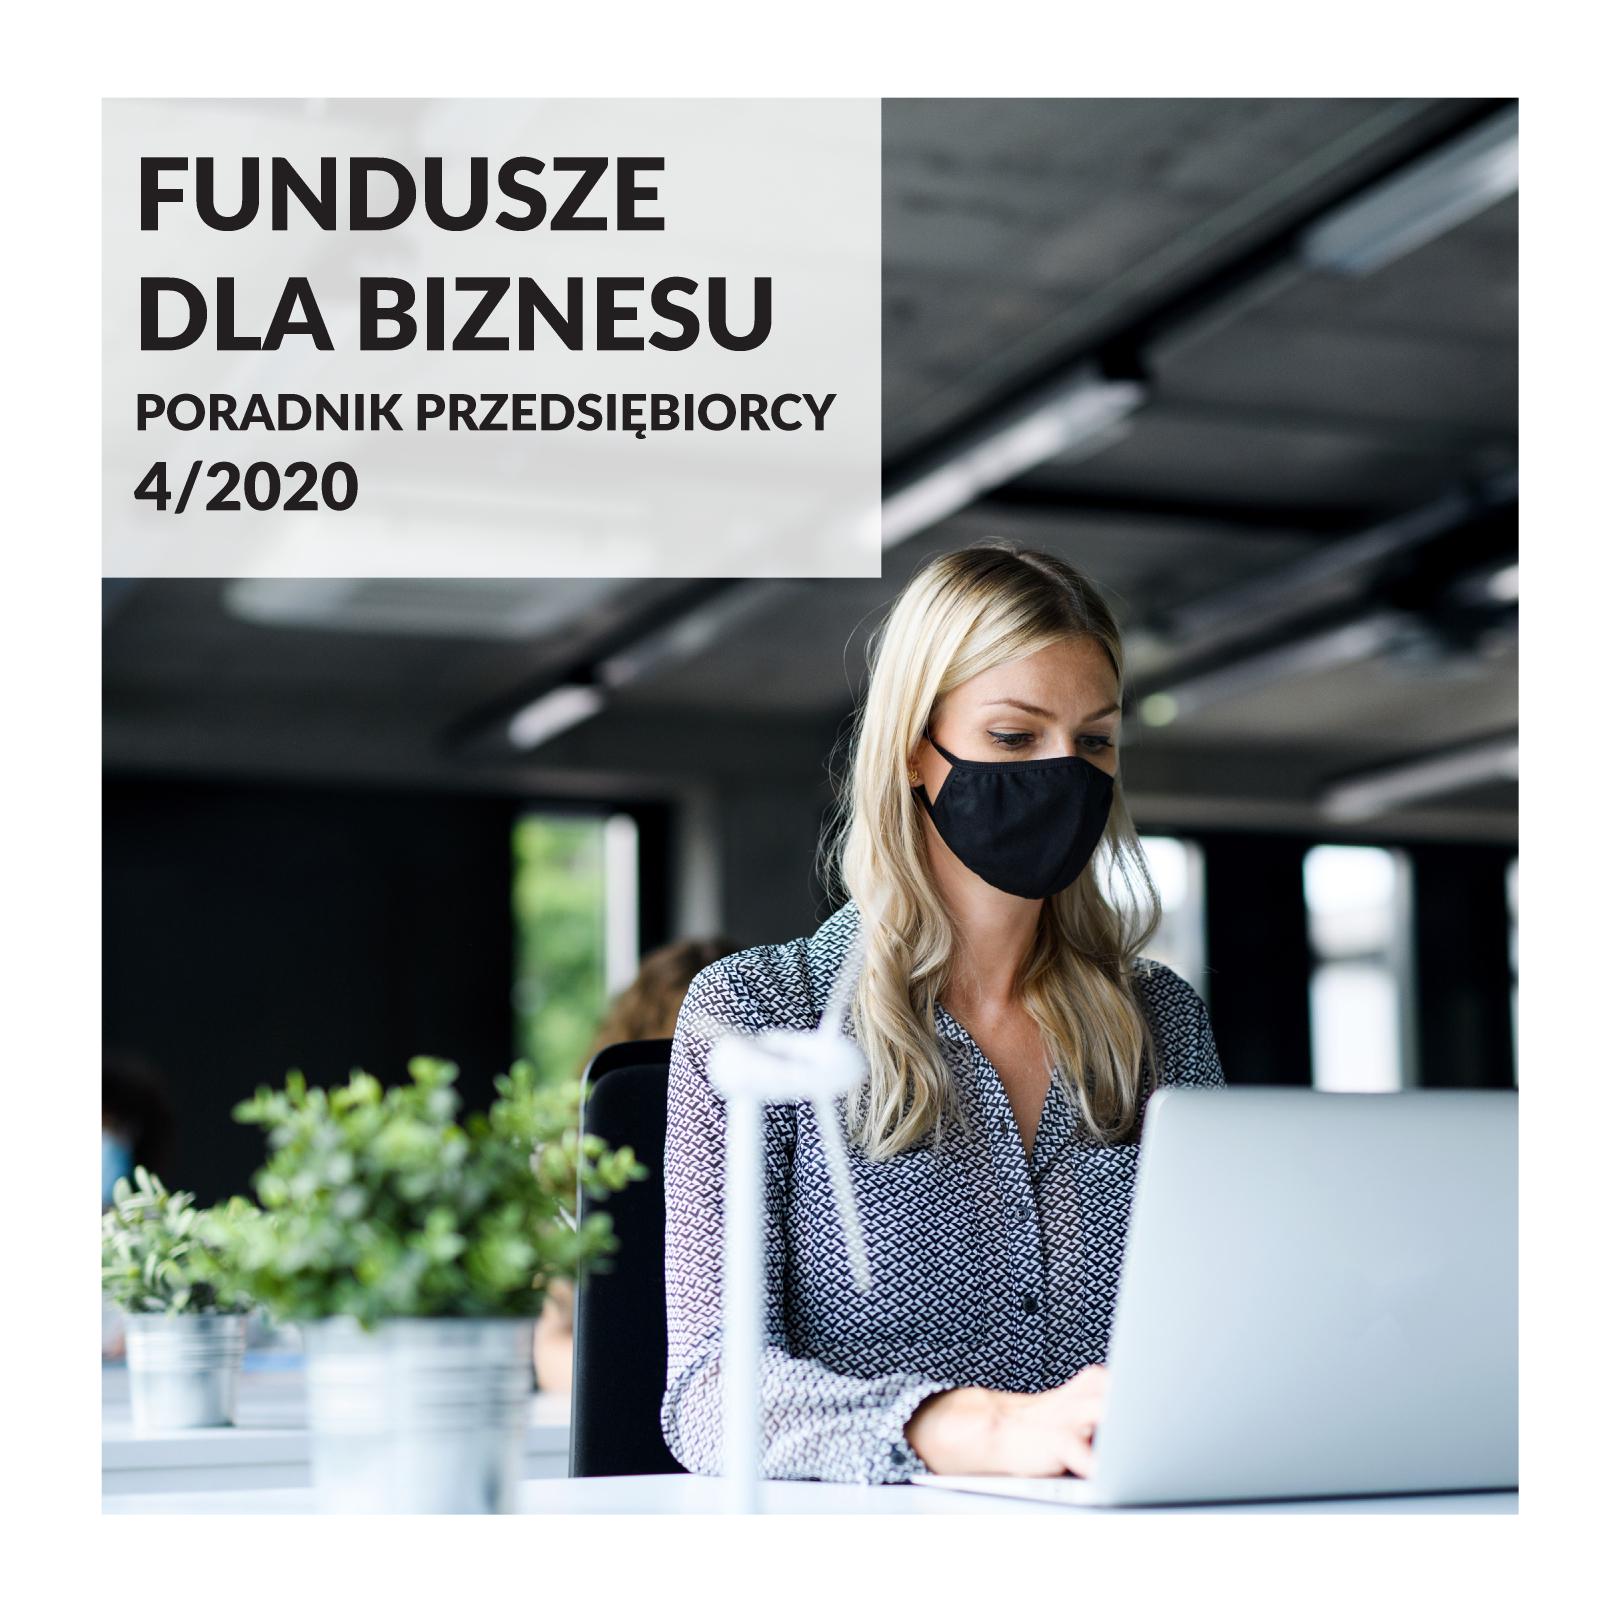 Najnowszy numer poradnika Fundusze dla Biznesu już dostępny